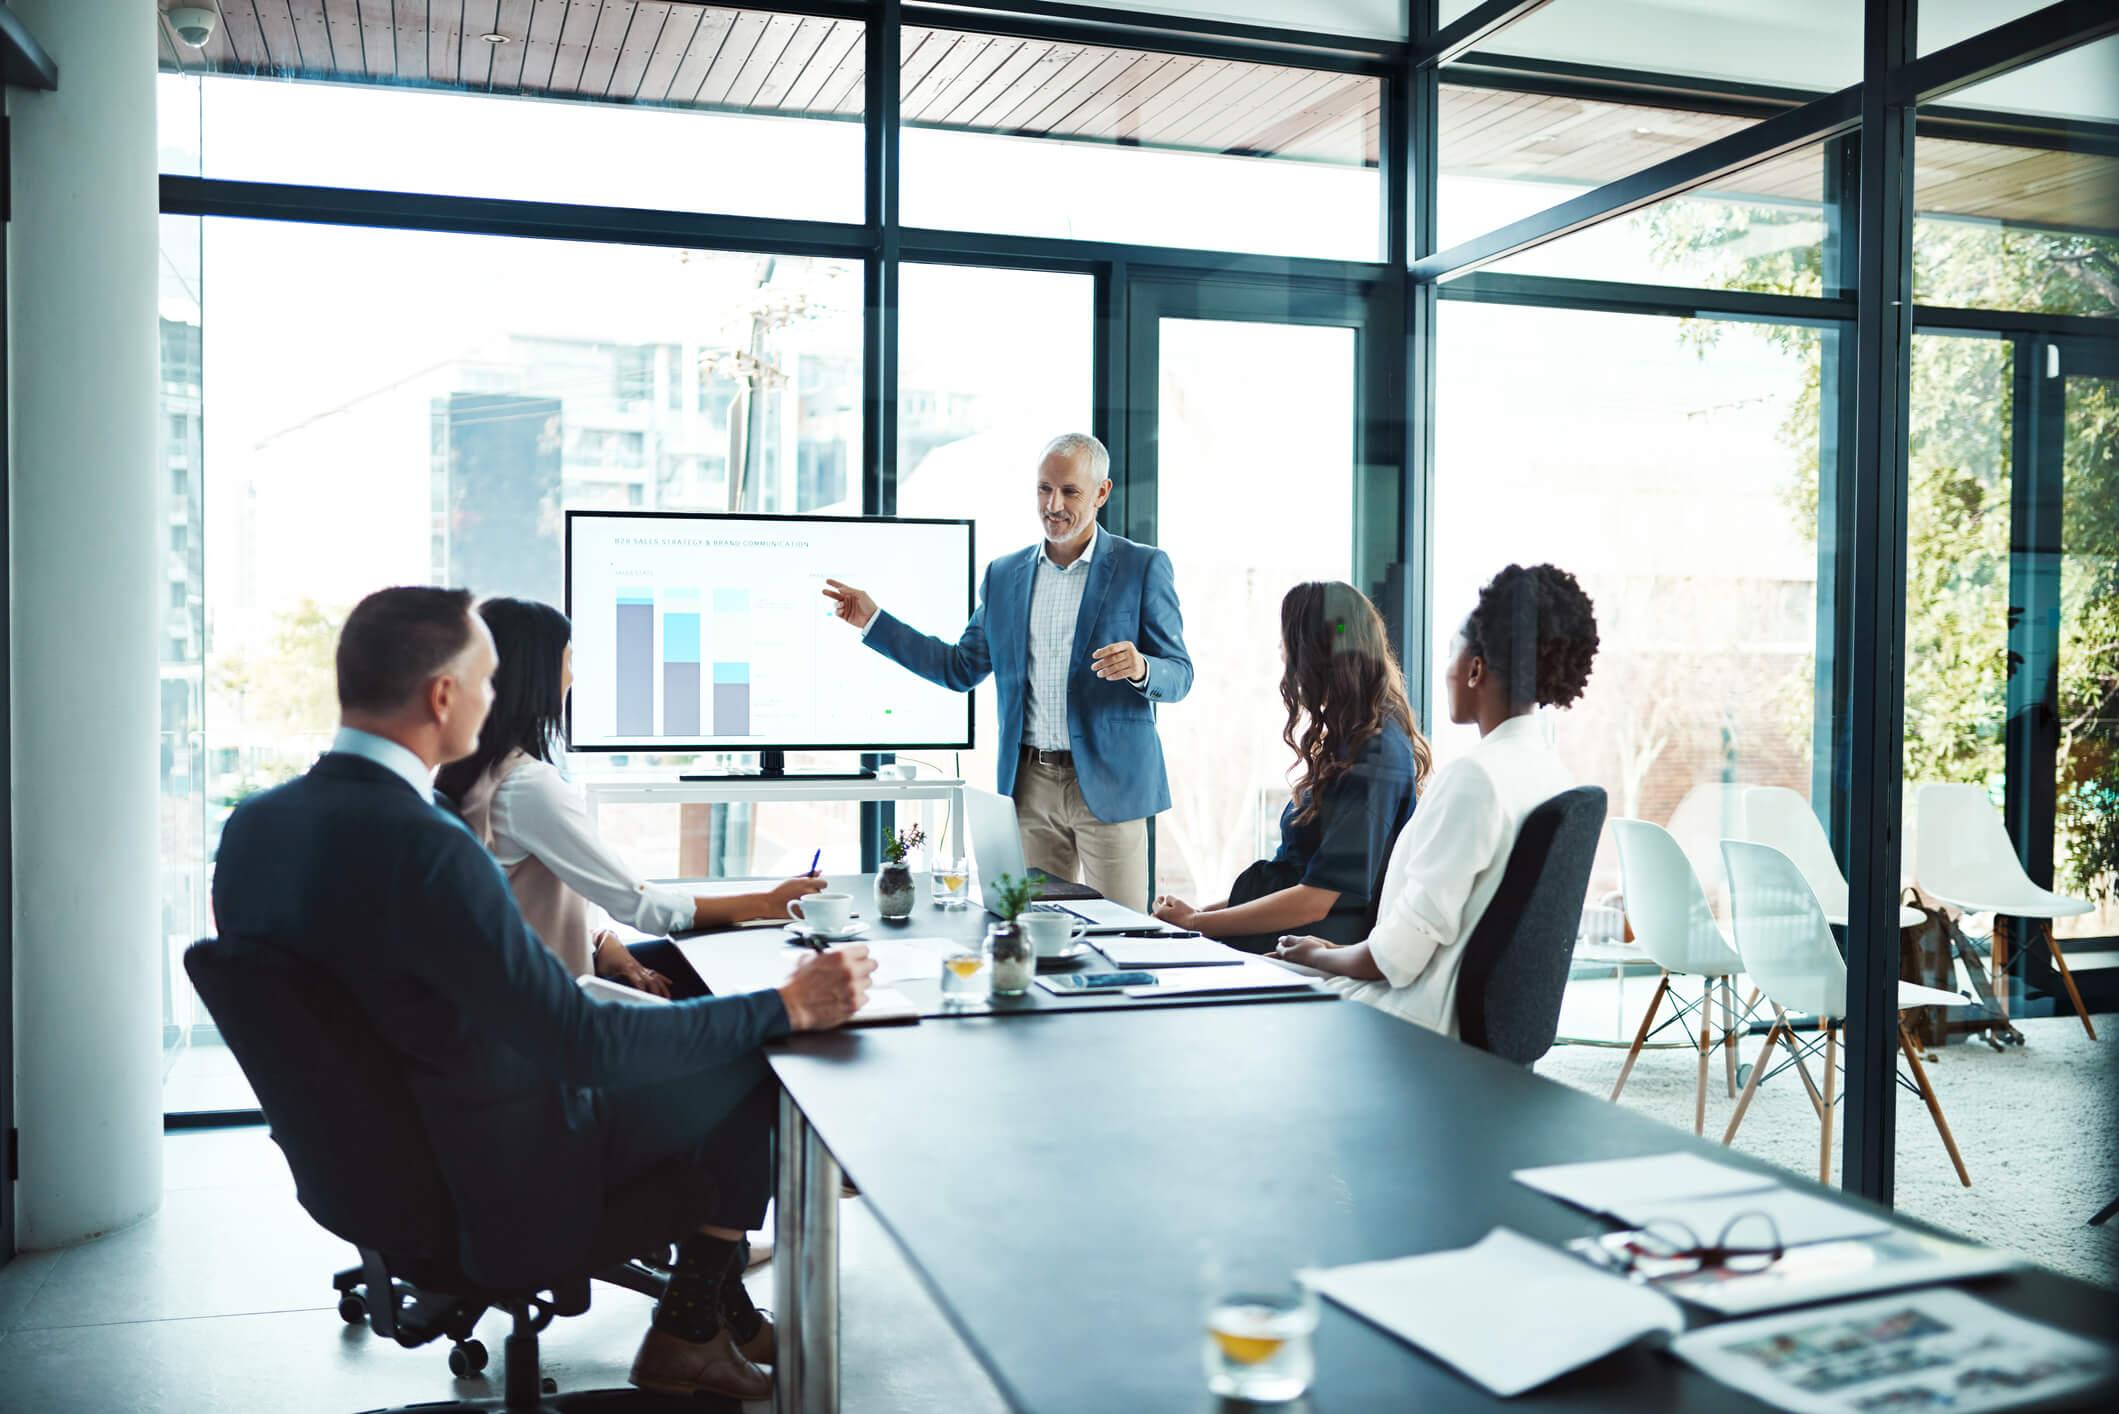 O departamento pessoal da sua empresa já utiliza BI? Conheça as principais vantagens